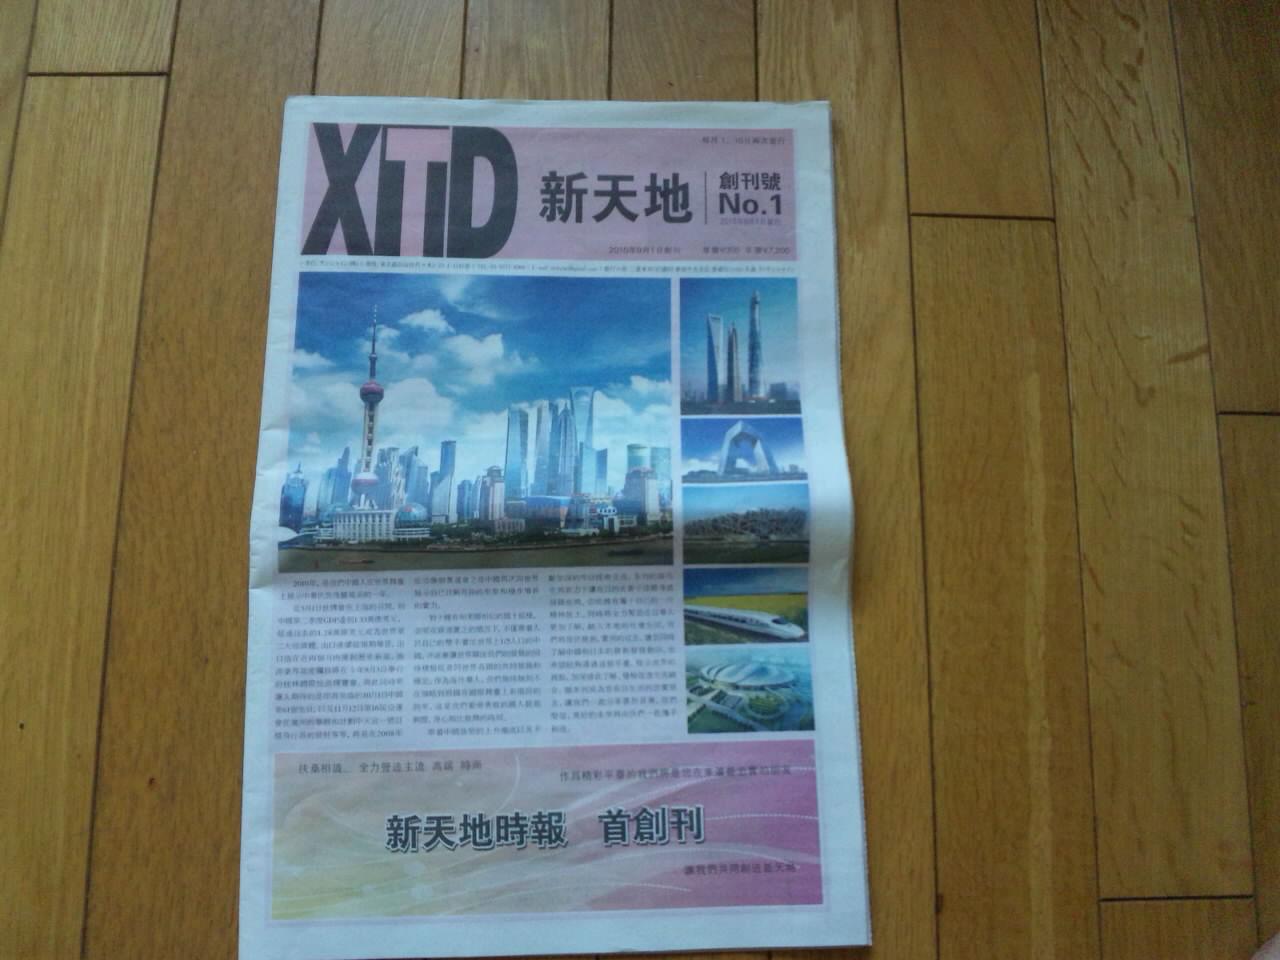 新しい中国語新聞「新天地時報」 9月1日に東京で創刊_d0027795_1445495.jpg